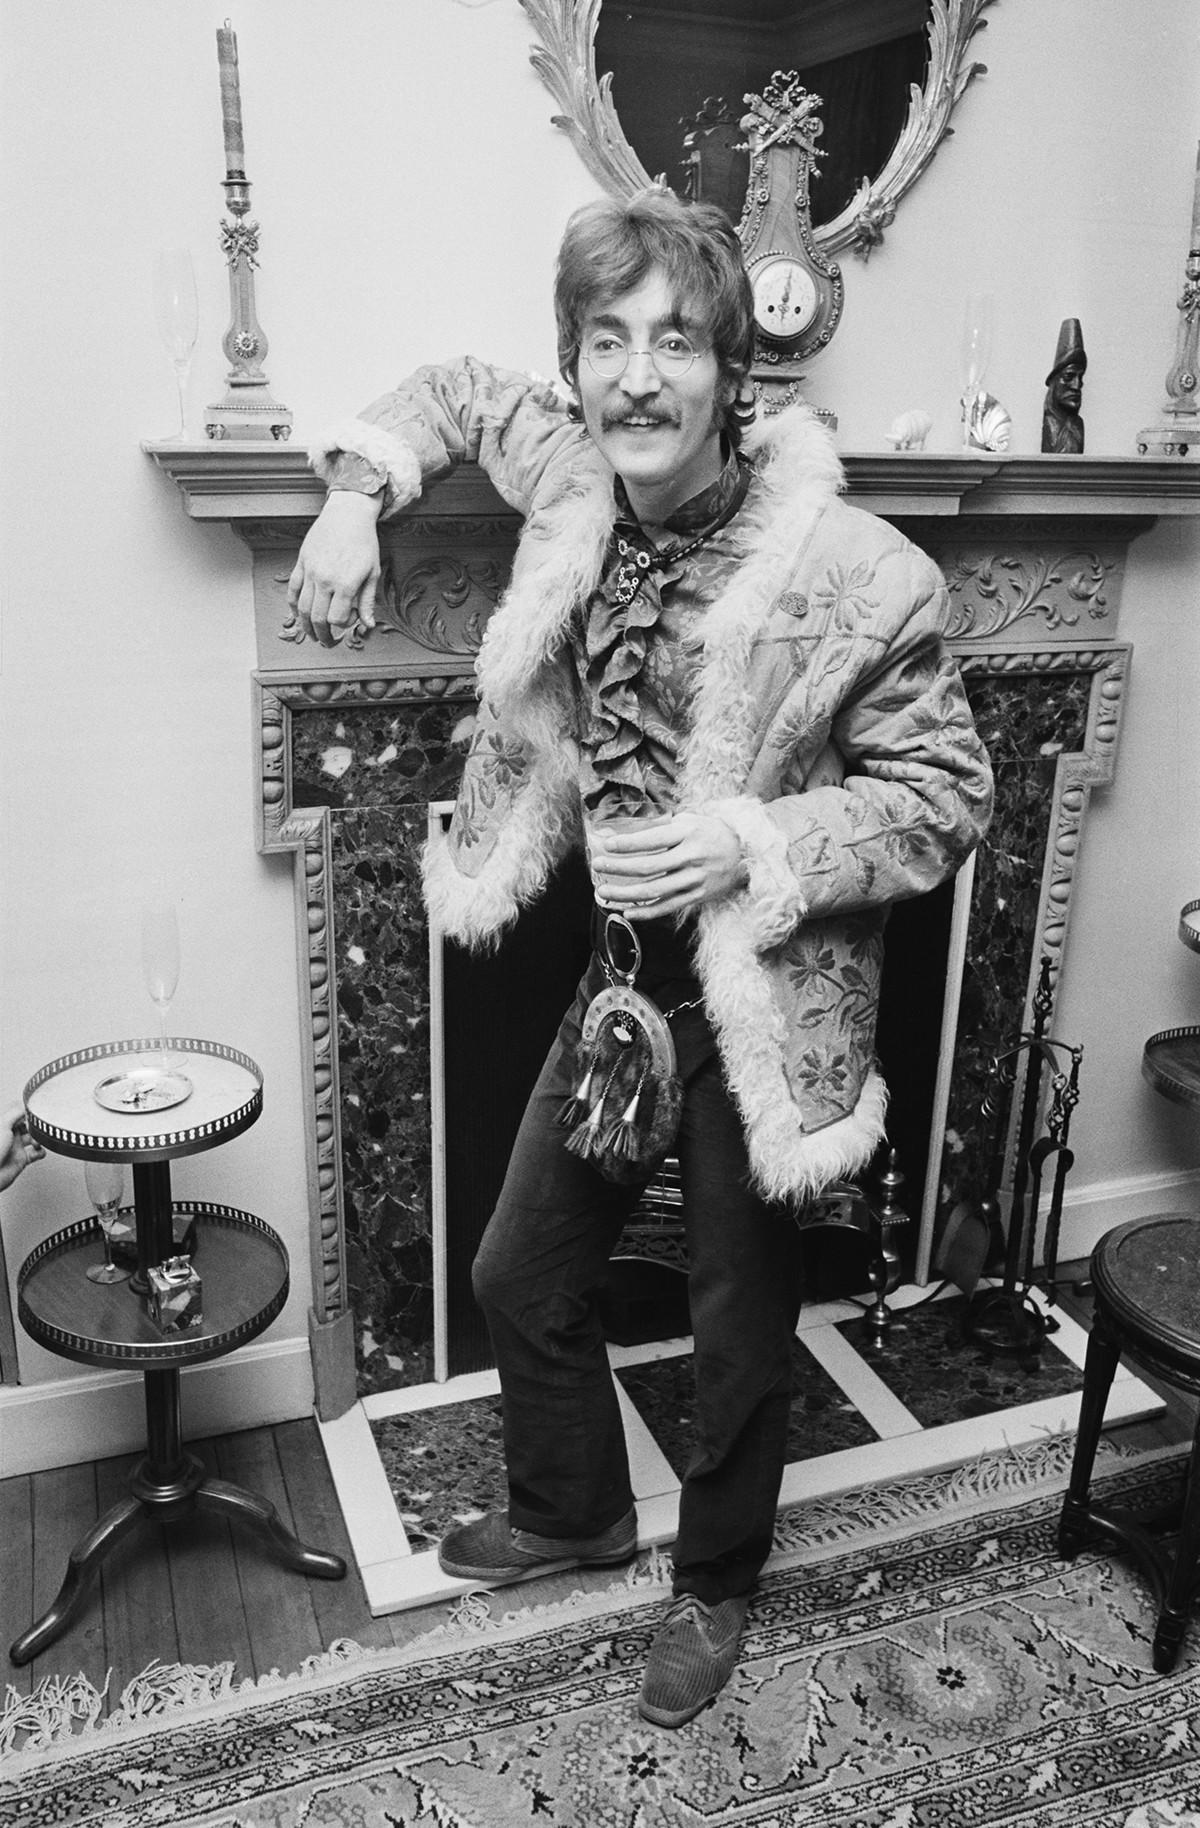 John Lennon wearing an Afghan coat.